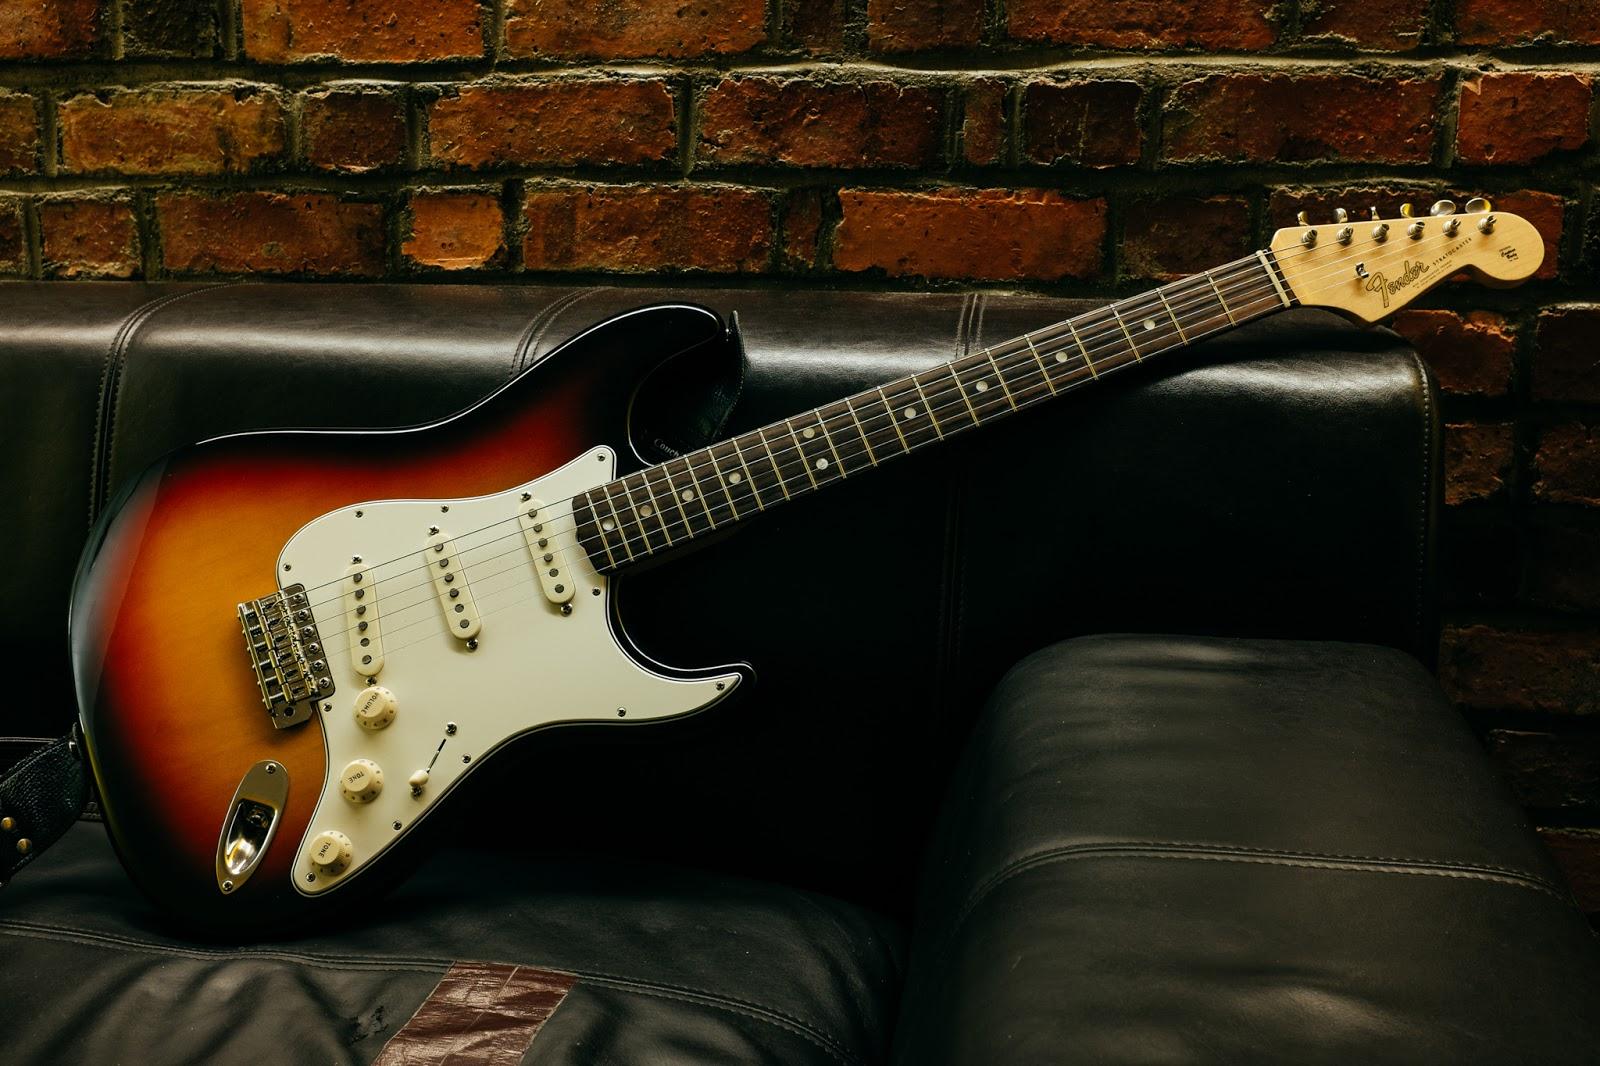 Gibson Les Paul vs. Fender Stratocaster Fender-american-vintage-65-stratocaster-0006